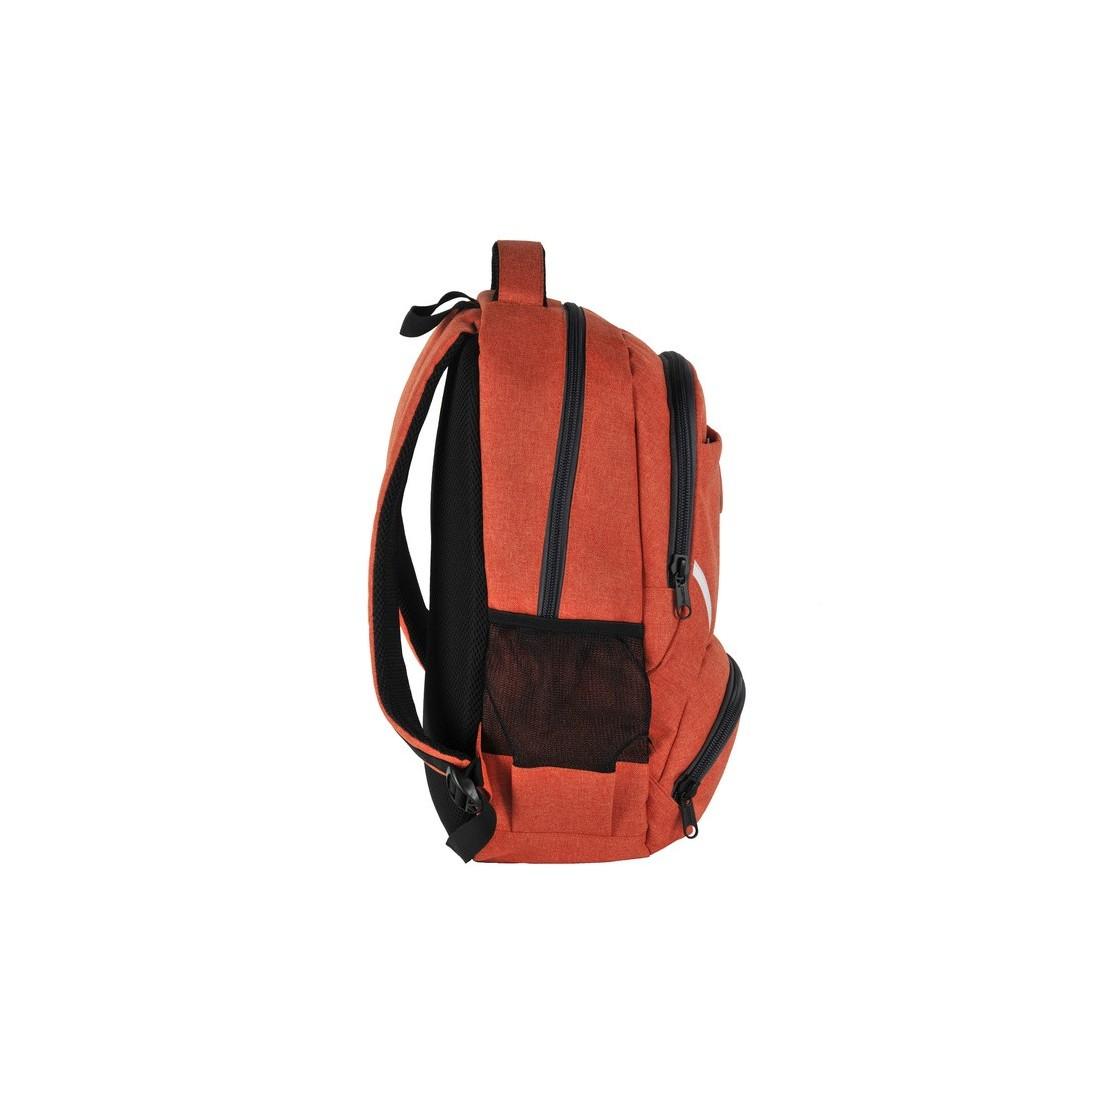 Plecak młodzieżowy pomarańczowy original collection - plecak-tornister.pl